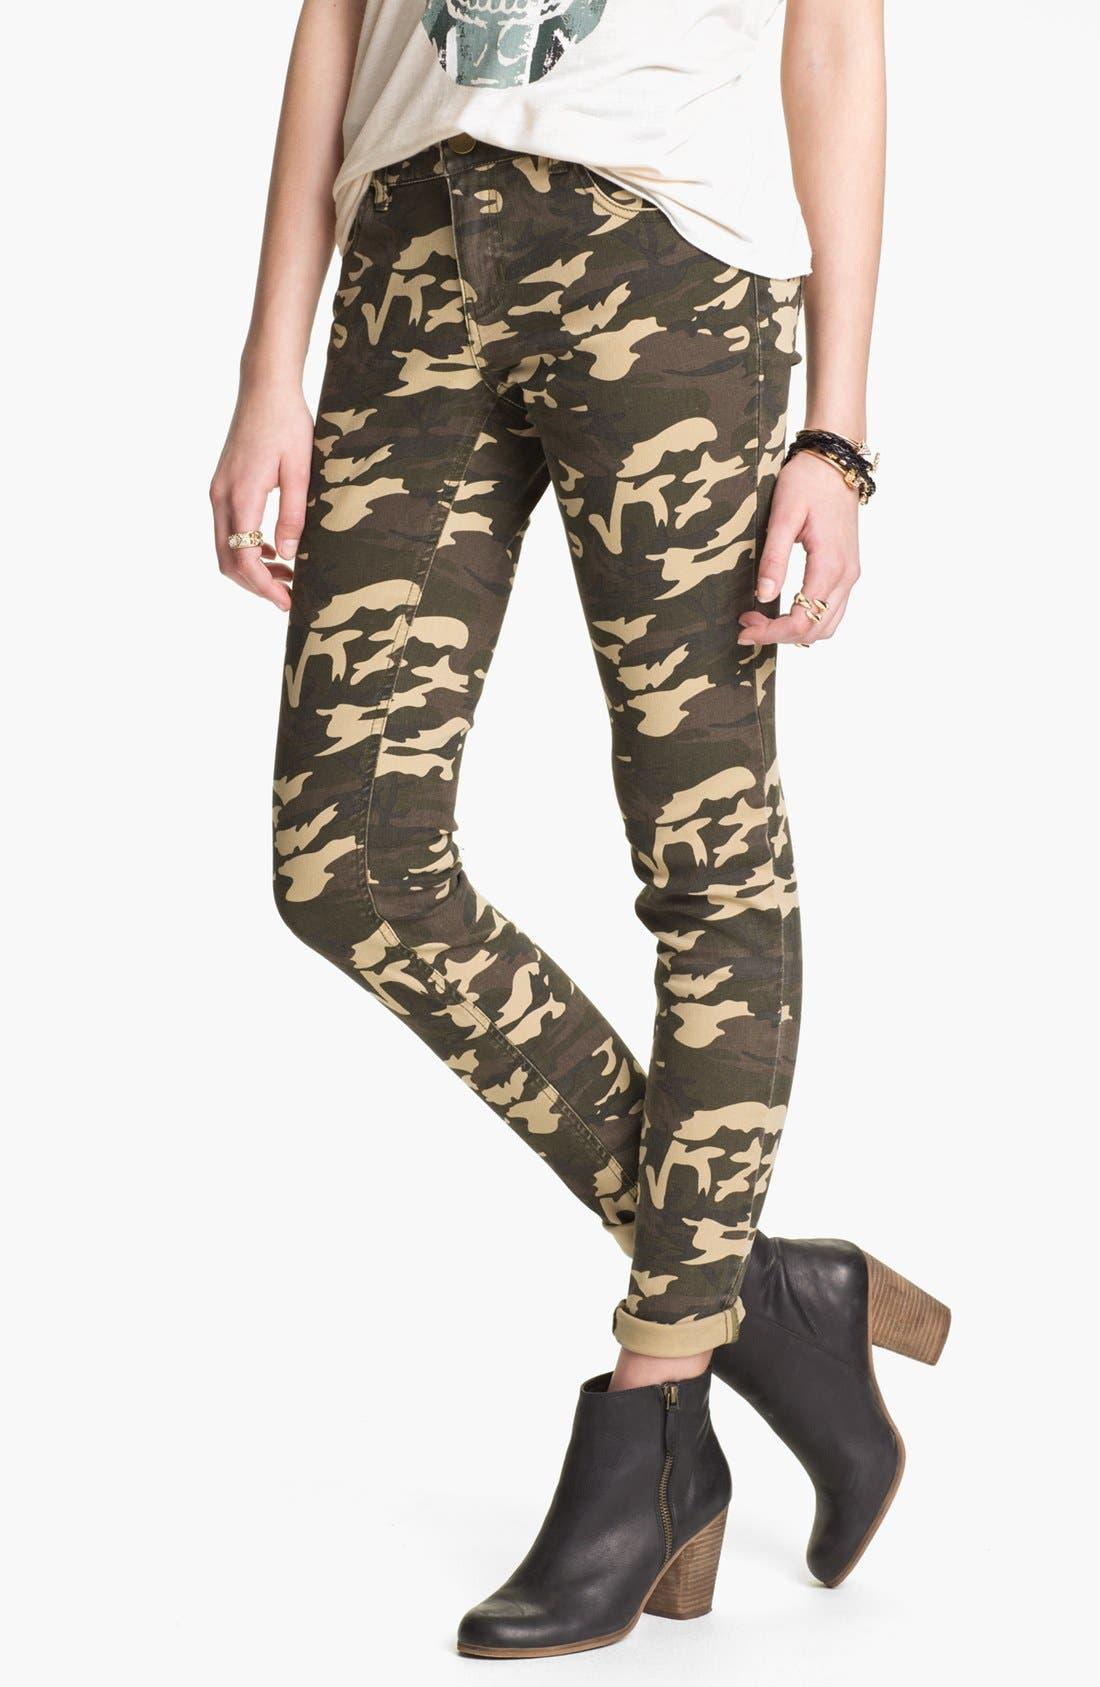 Alternate Image 1 Selected - Fire Camo Print Skinny Pants (Juniors)